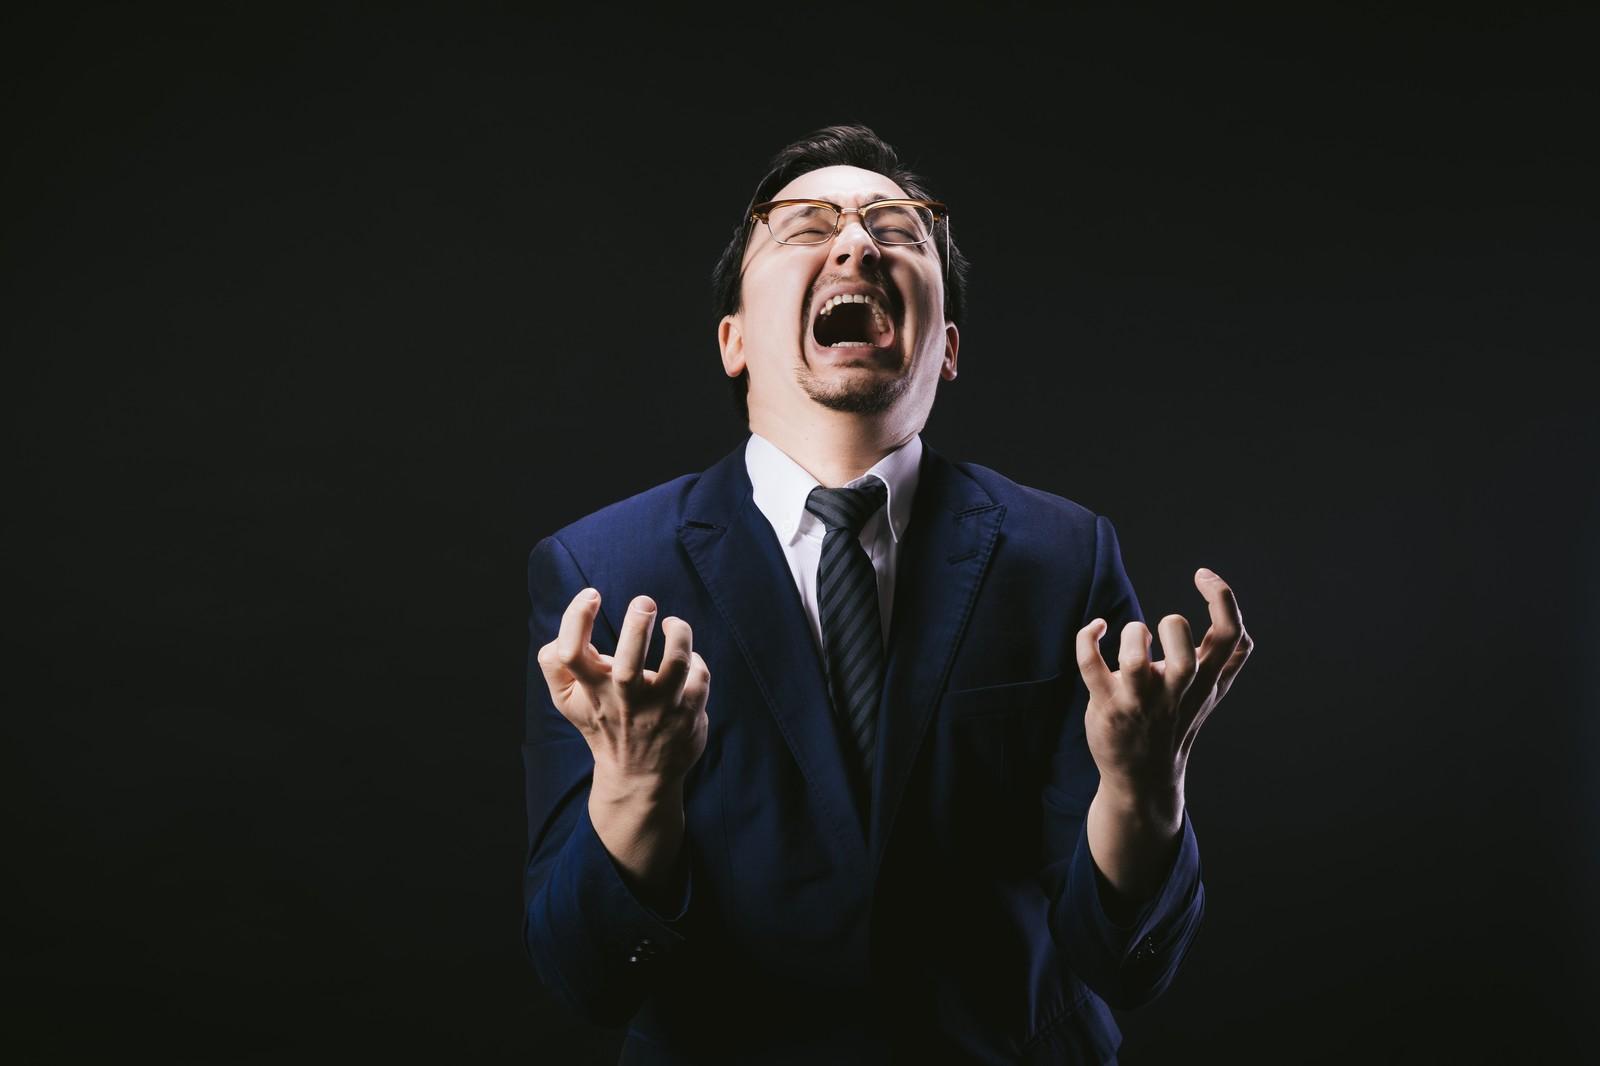 【カラオケ】スクリームの感覚が全く掴めないんですが…どう練習したらいいですか?